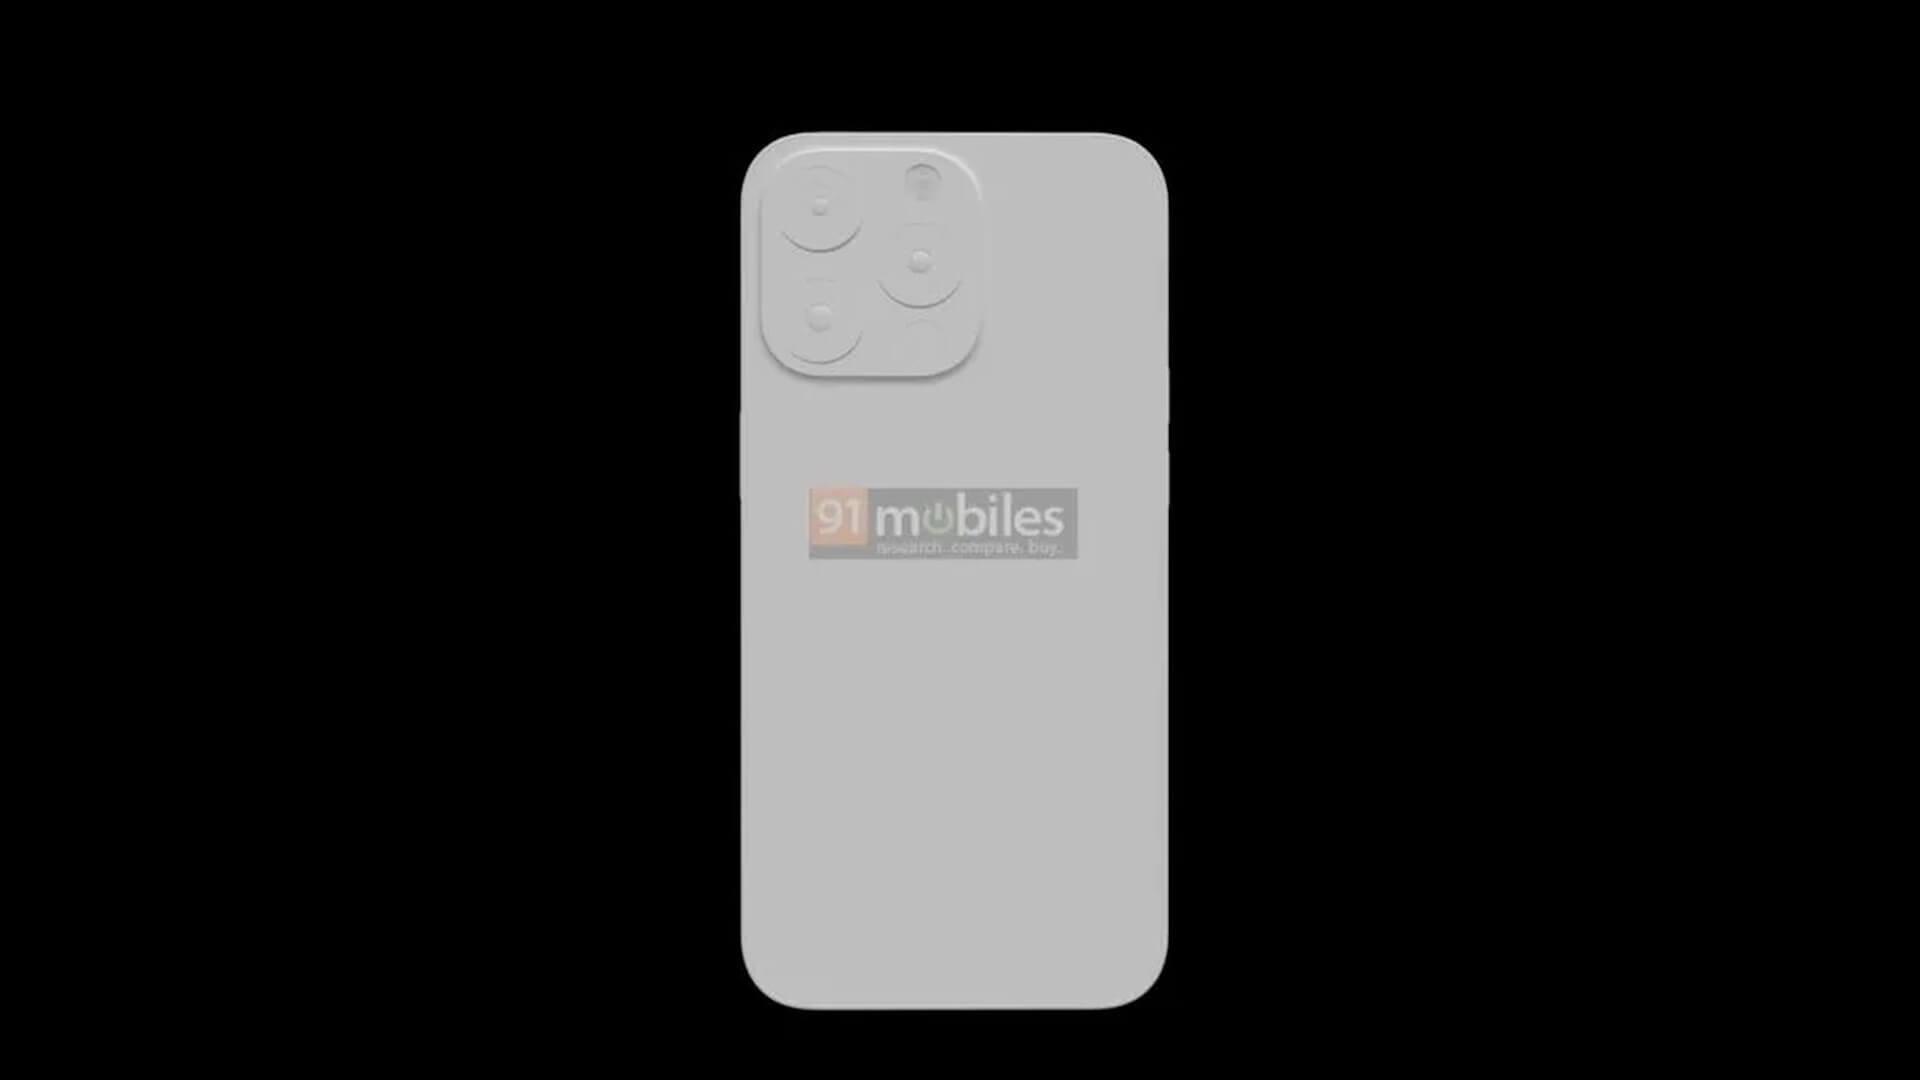 9月発表のiPhone 13 Proは少し厚くなる?3Dレンダリング画像が公開 tech210415_iphone13_1